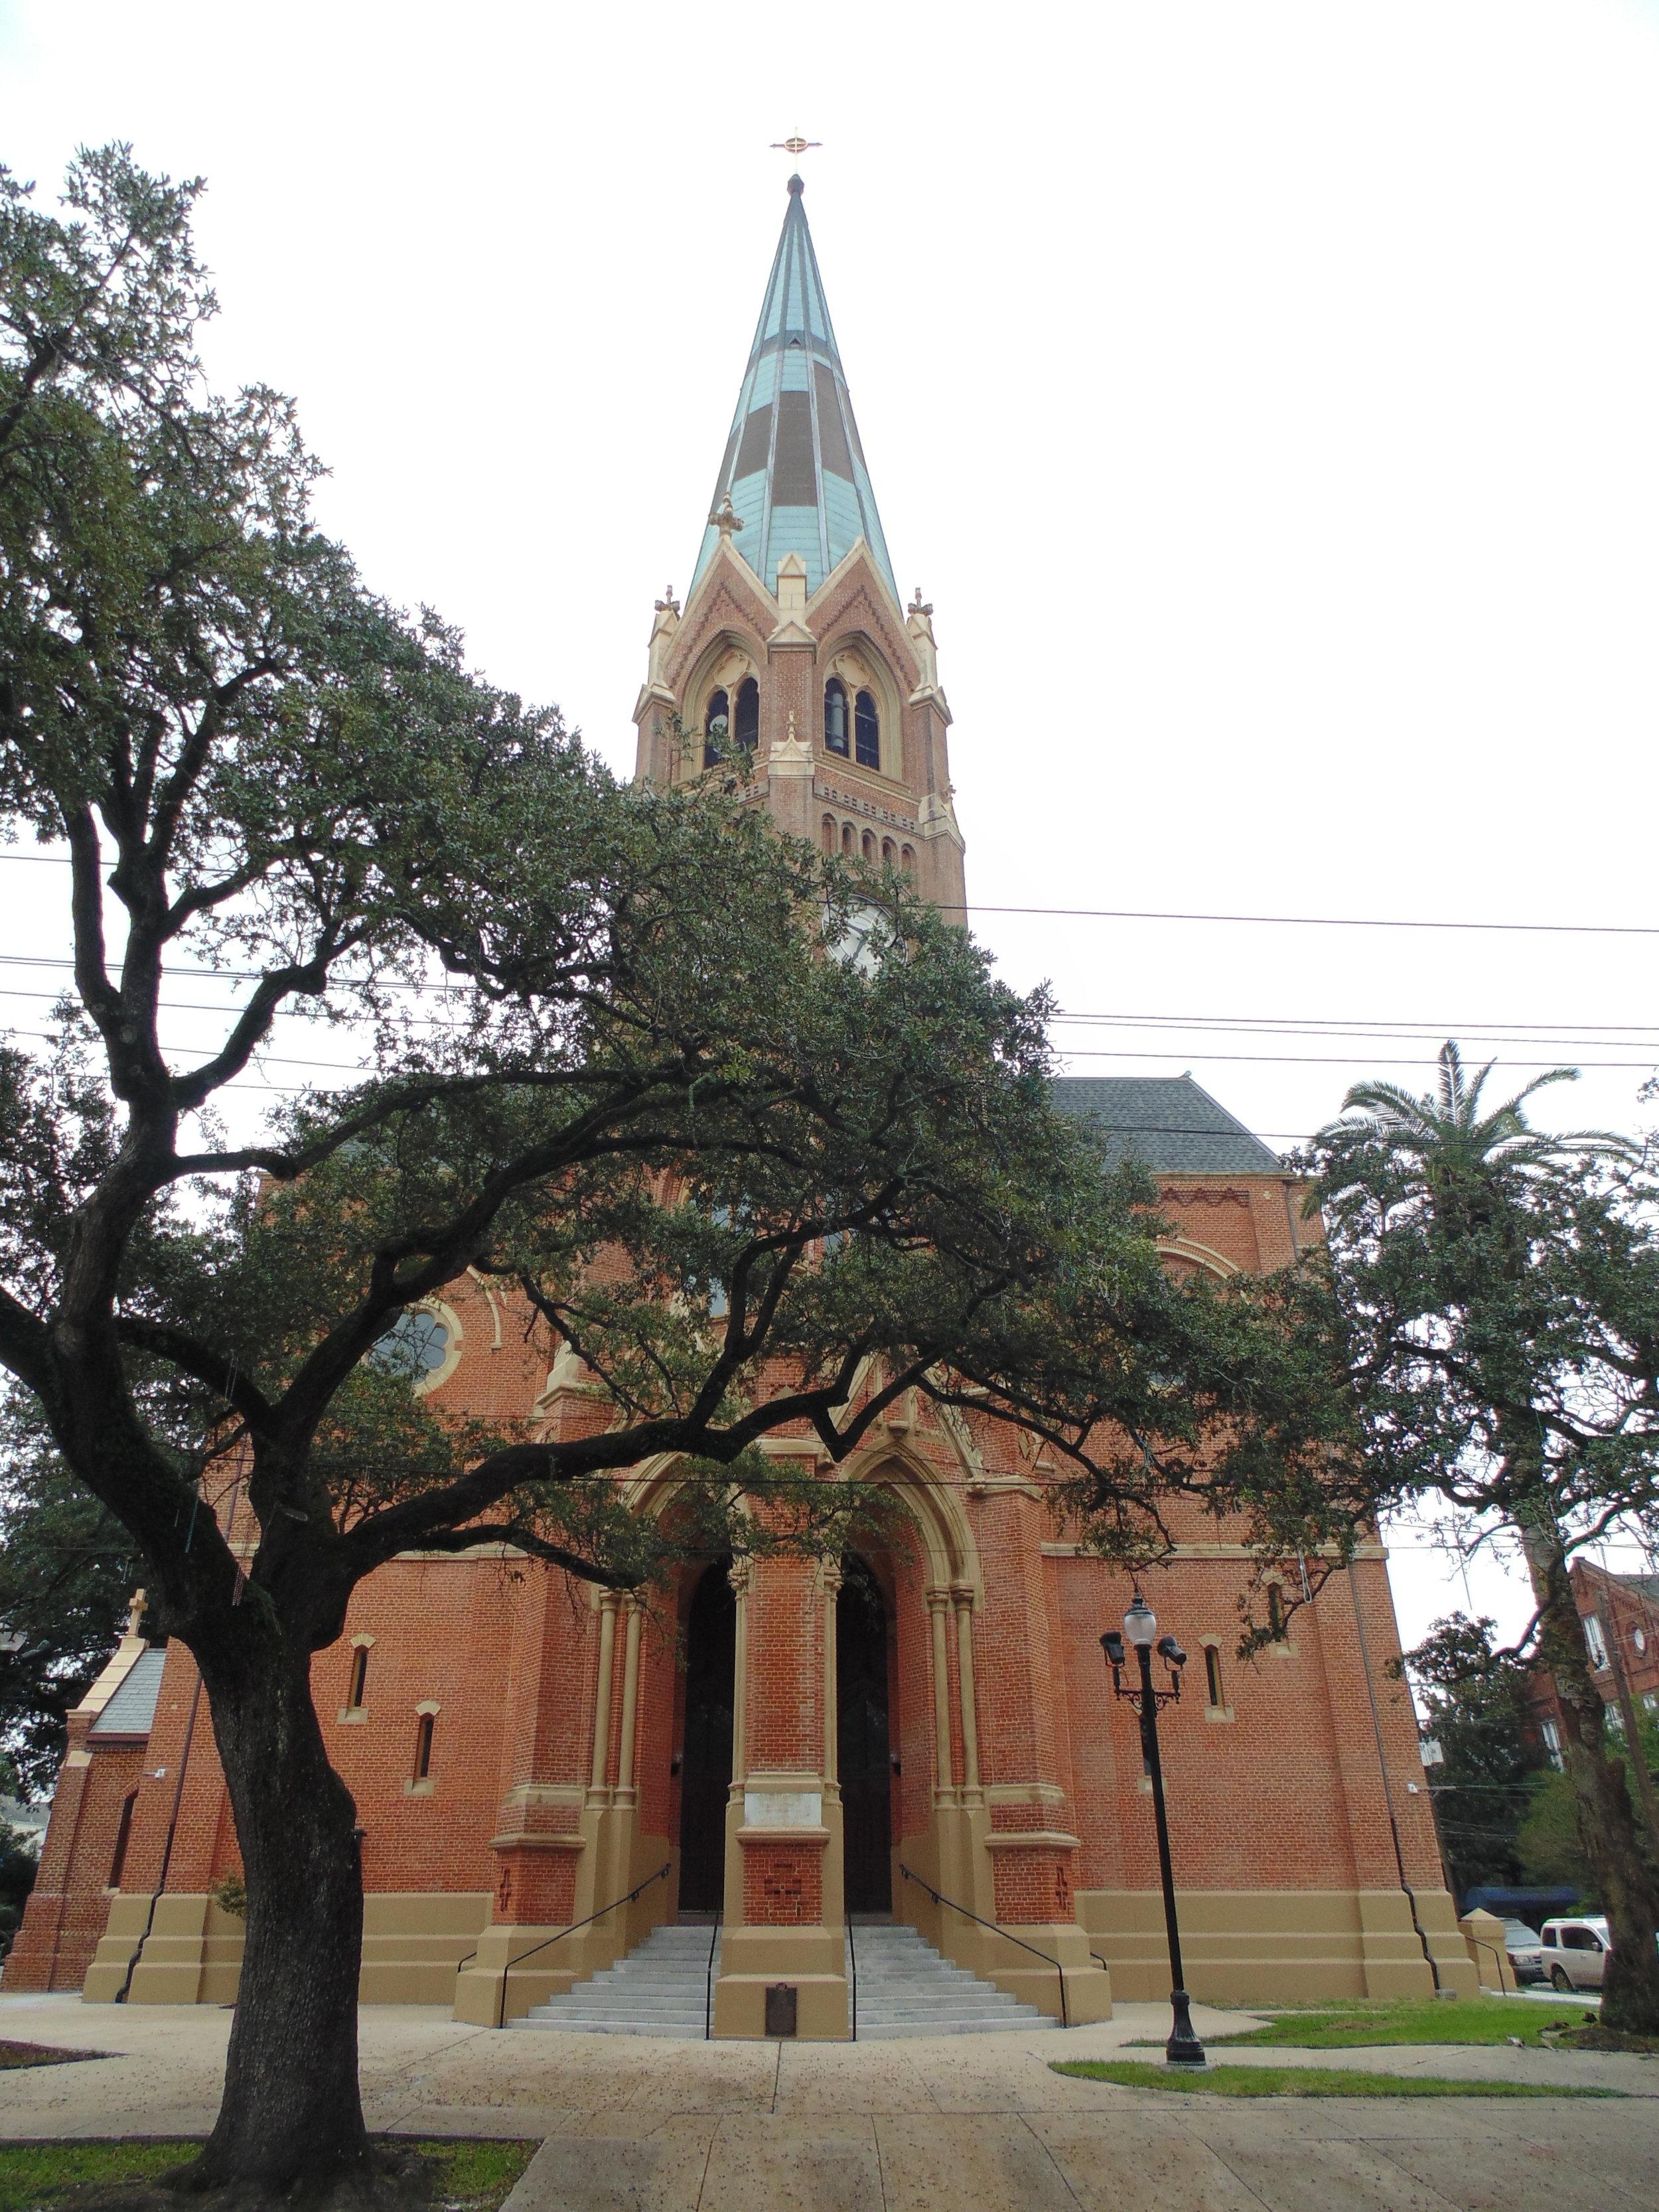 Saint Stephen Catholic Church